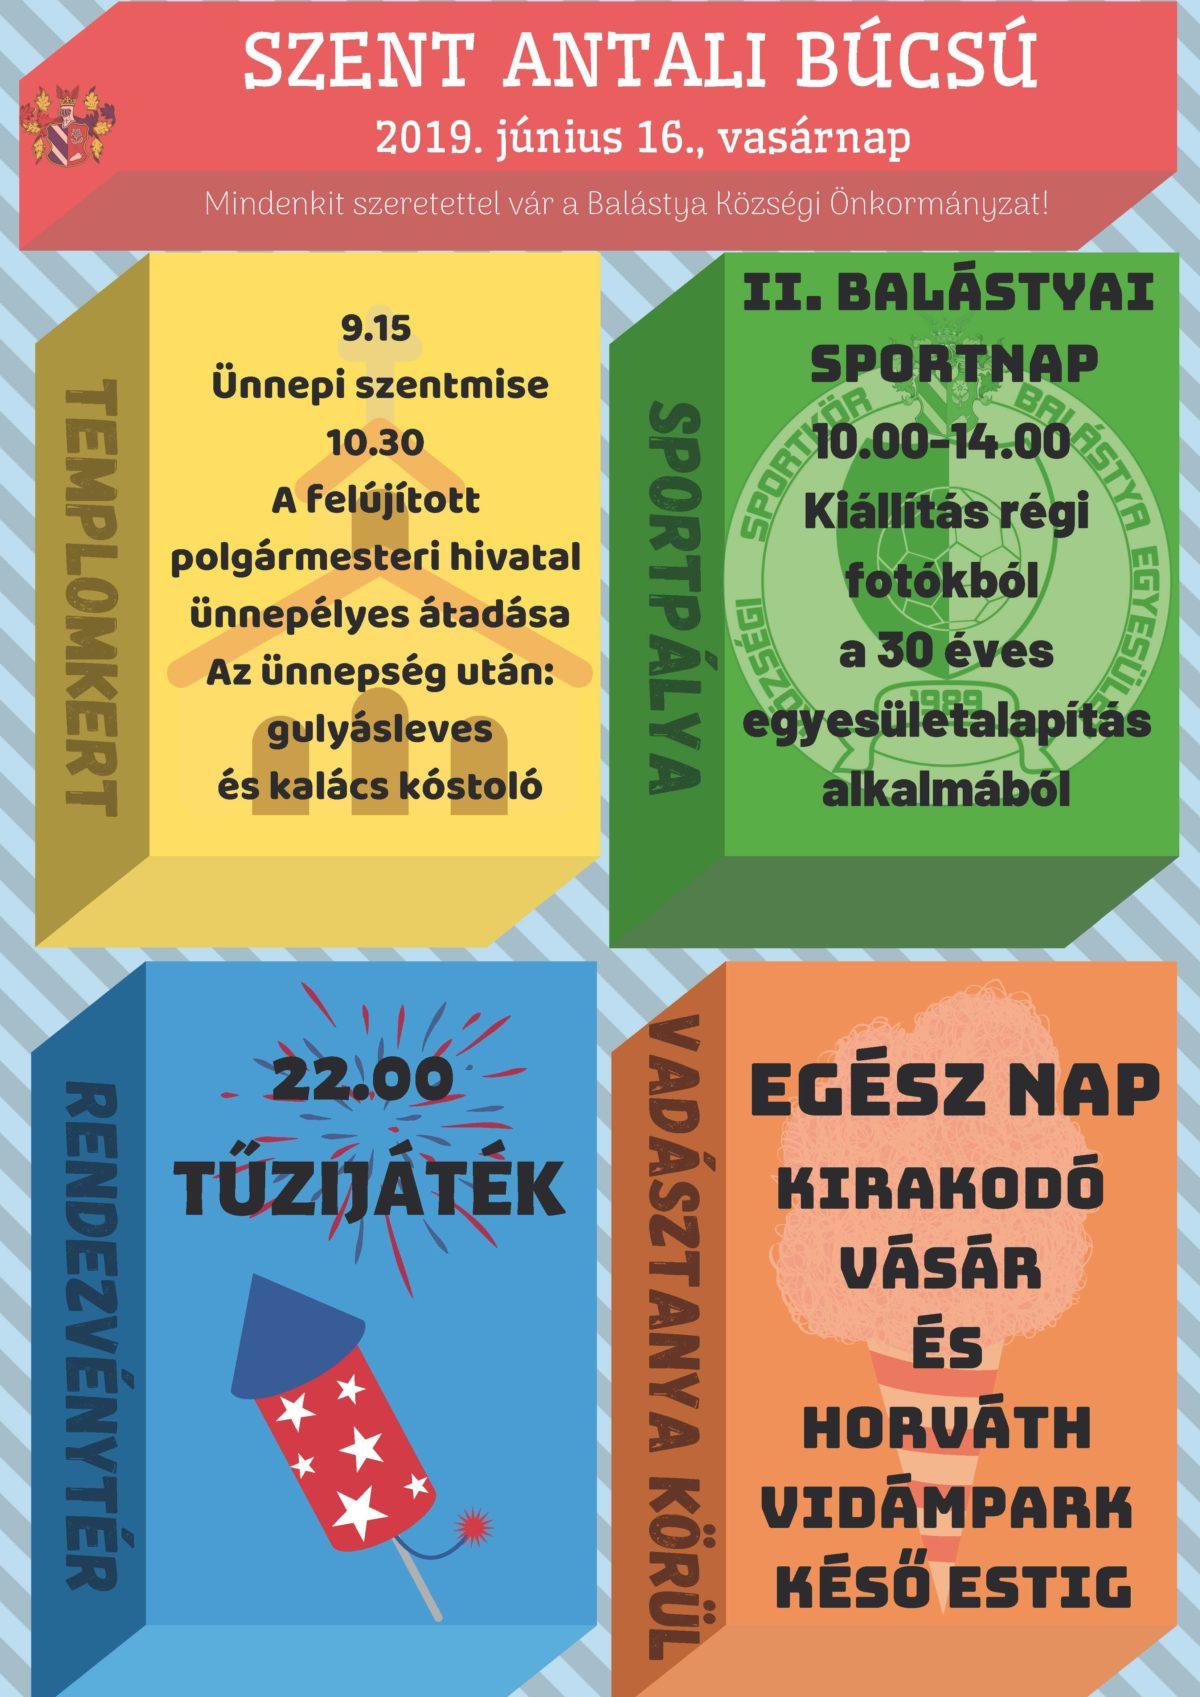 Szent Antali Búcsú Balástyán és            II. Balástyai Sportnap